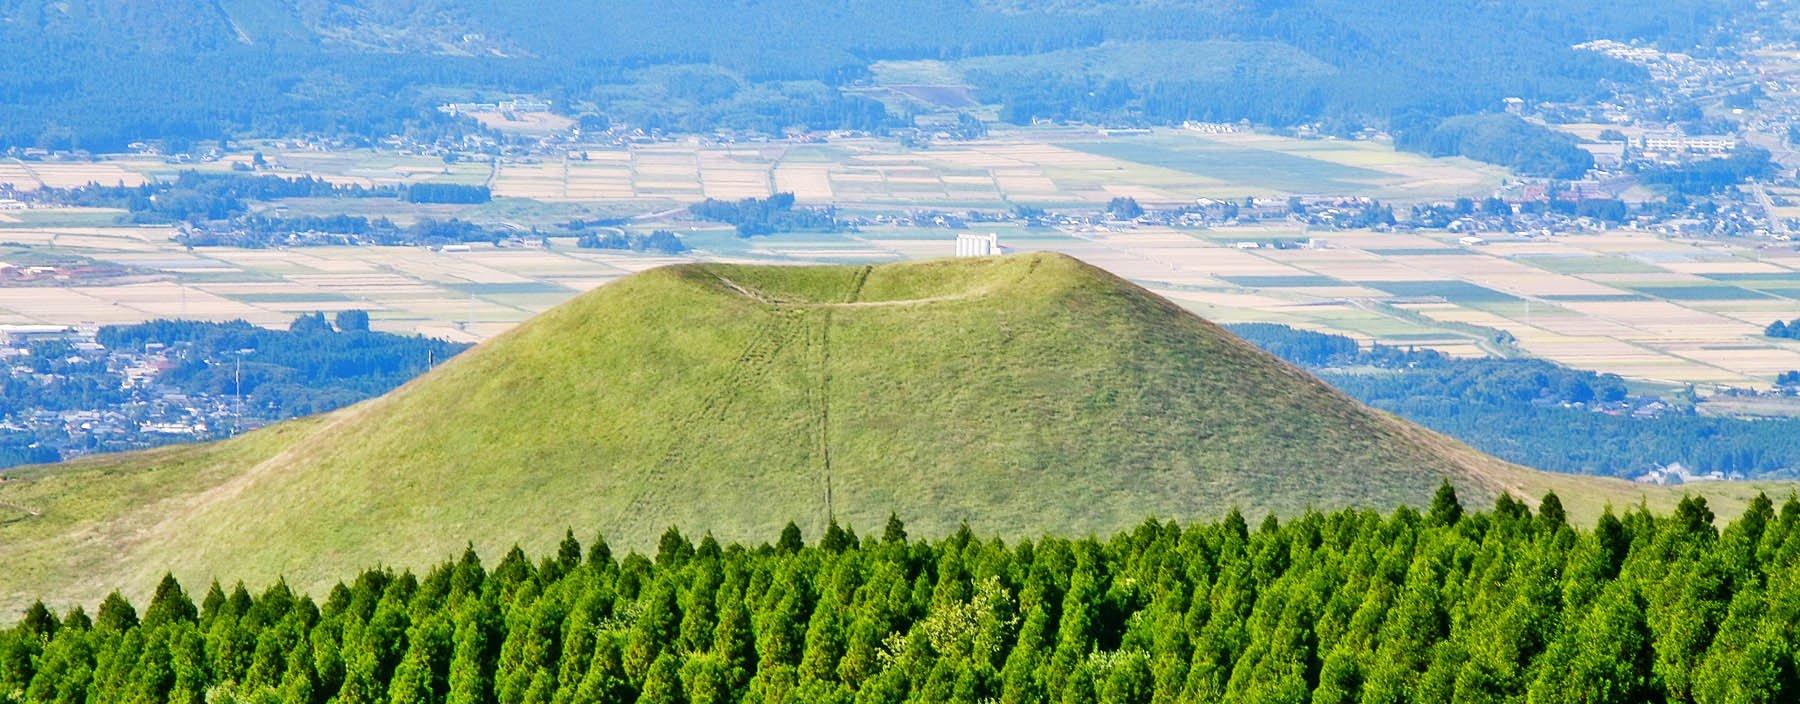 jp, aso vulkaan.jpg